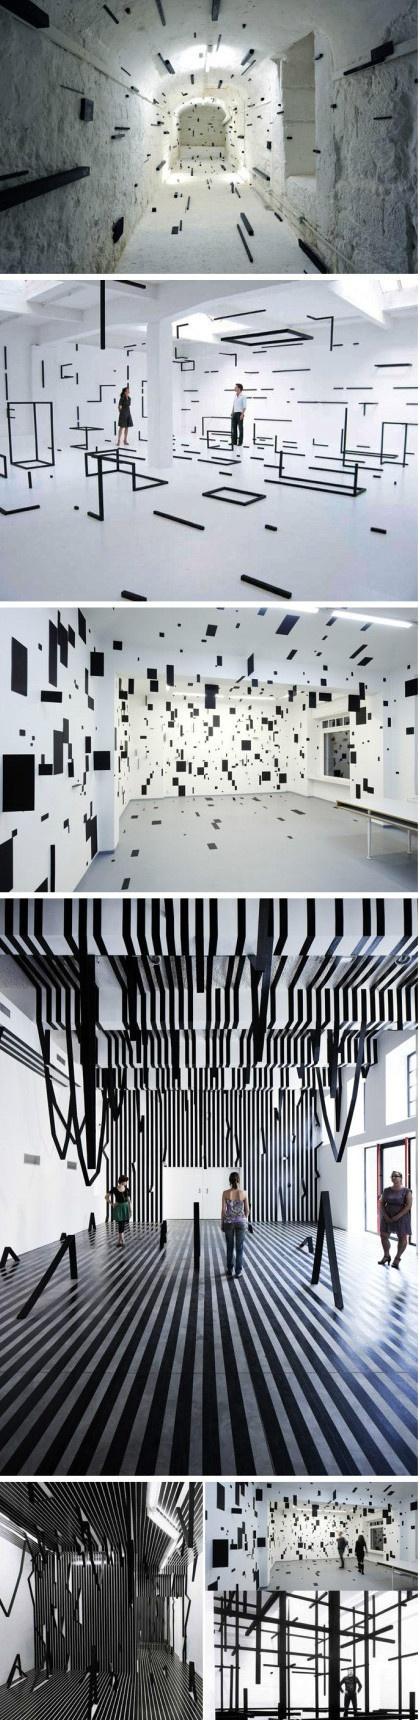 建筑设计项目#切实的模糊空间,意大利艺术家 Esther Stocker 设计,逻辑是模糊的,不稳定是常在的,冲突是一定的,模糊的感觉应运而生。采用黑色的纸板和钢材打乱感官,创造出错置的空间,模糊的空间